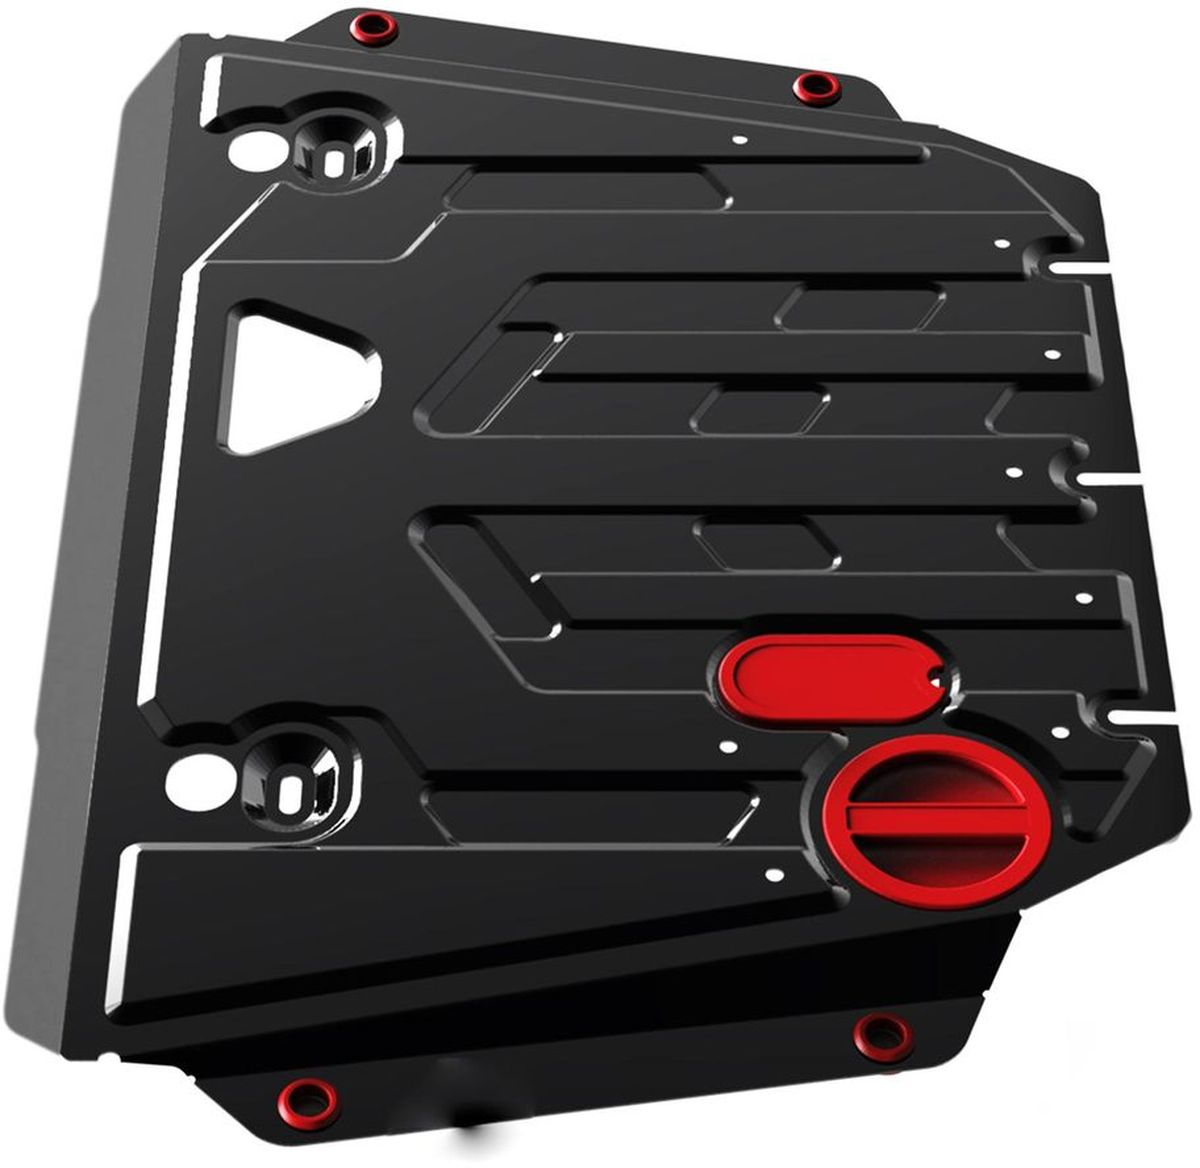 Защита картера и КПП Автоброня Chery QQ 2003-2006, сталь 2 мм111.01301.5Защита картера и КПП Автоброня Chery QQ, V - 0,8; 1,1 2003-2006, сталь 2 мм, комплект крепежа, 111.01301.5Стальные защиты Автоброня надежно защищают ваш автомобиль от повреждений при наезде на бордюры, выступающие канализационные люки, кромки поврежденного асфальта или при ремонте дорог, не говоря уже о загородных дорогах.- Имеют оптимальное соотношение цена-качество.- Спроектированы с учетом особенностей автомобиля, что делает установку удобной.- Защита устанавливается в штатные места кузова автомобиля.- Является надежной защитой для важных элементов на протяжении долгих лет.- Глубокий штамп дополнительно усиливает конструкцию защиты.- Подштамповка в местах крепления защищает крепеж от срезания.- Технологические отверстия там, где они необходимы для смены масла и слива воды, оборудованные заглушками, закрепленными на защите.Толщина стали 2 мм.В комплекте крепеж и инструкция по установке.Уважаемые клиенты!Обращаем ваше внимание на тот факт, что защита имеет форму, соответствующую модели данного автомобиля. Наличие глубокого штампа и лючков для смены фильтров/масла предусмотрено не на всех защитах. Фото служит для визуального восприятия товара.